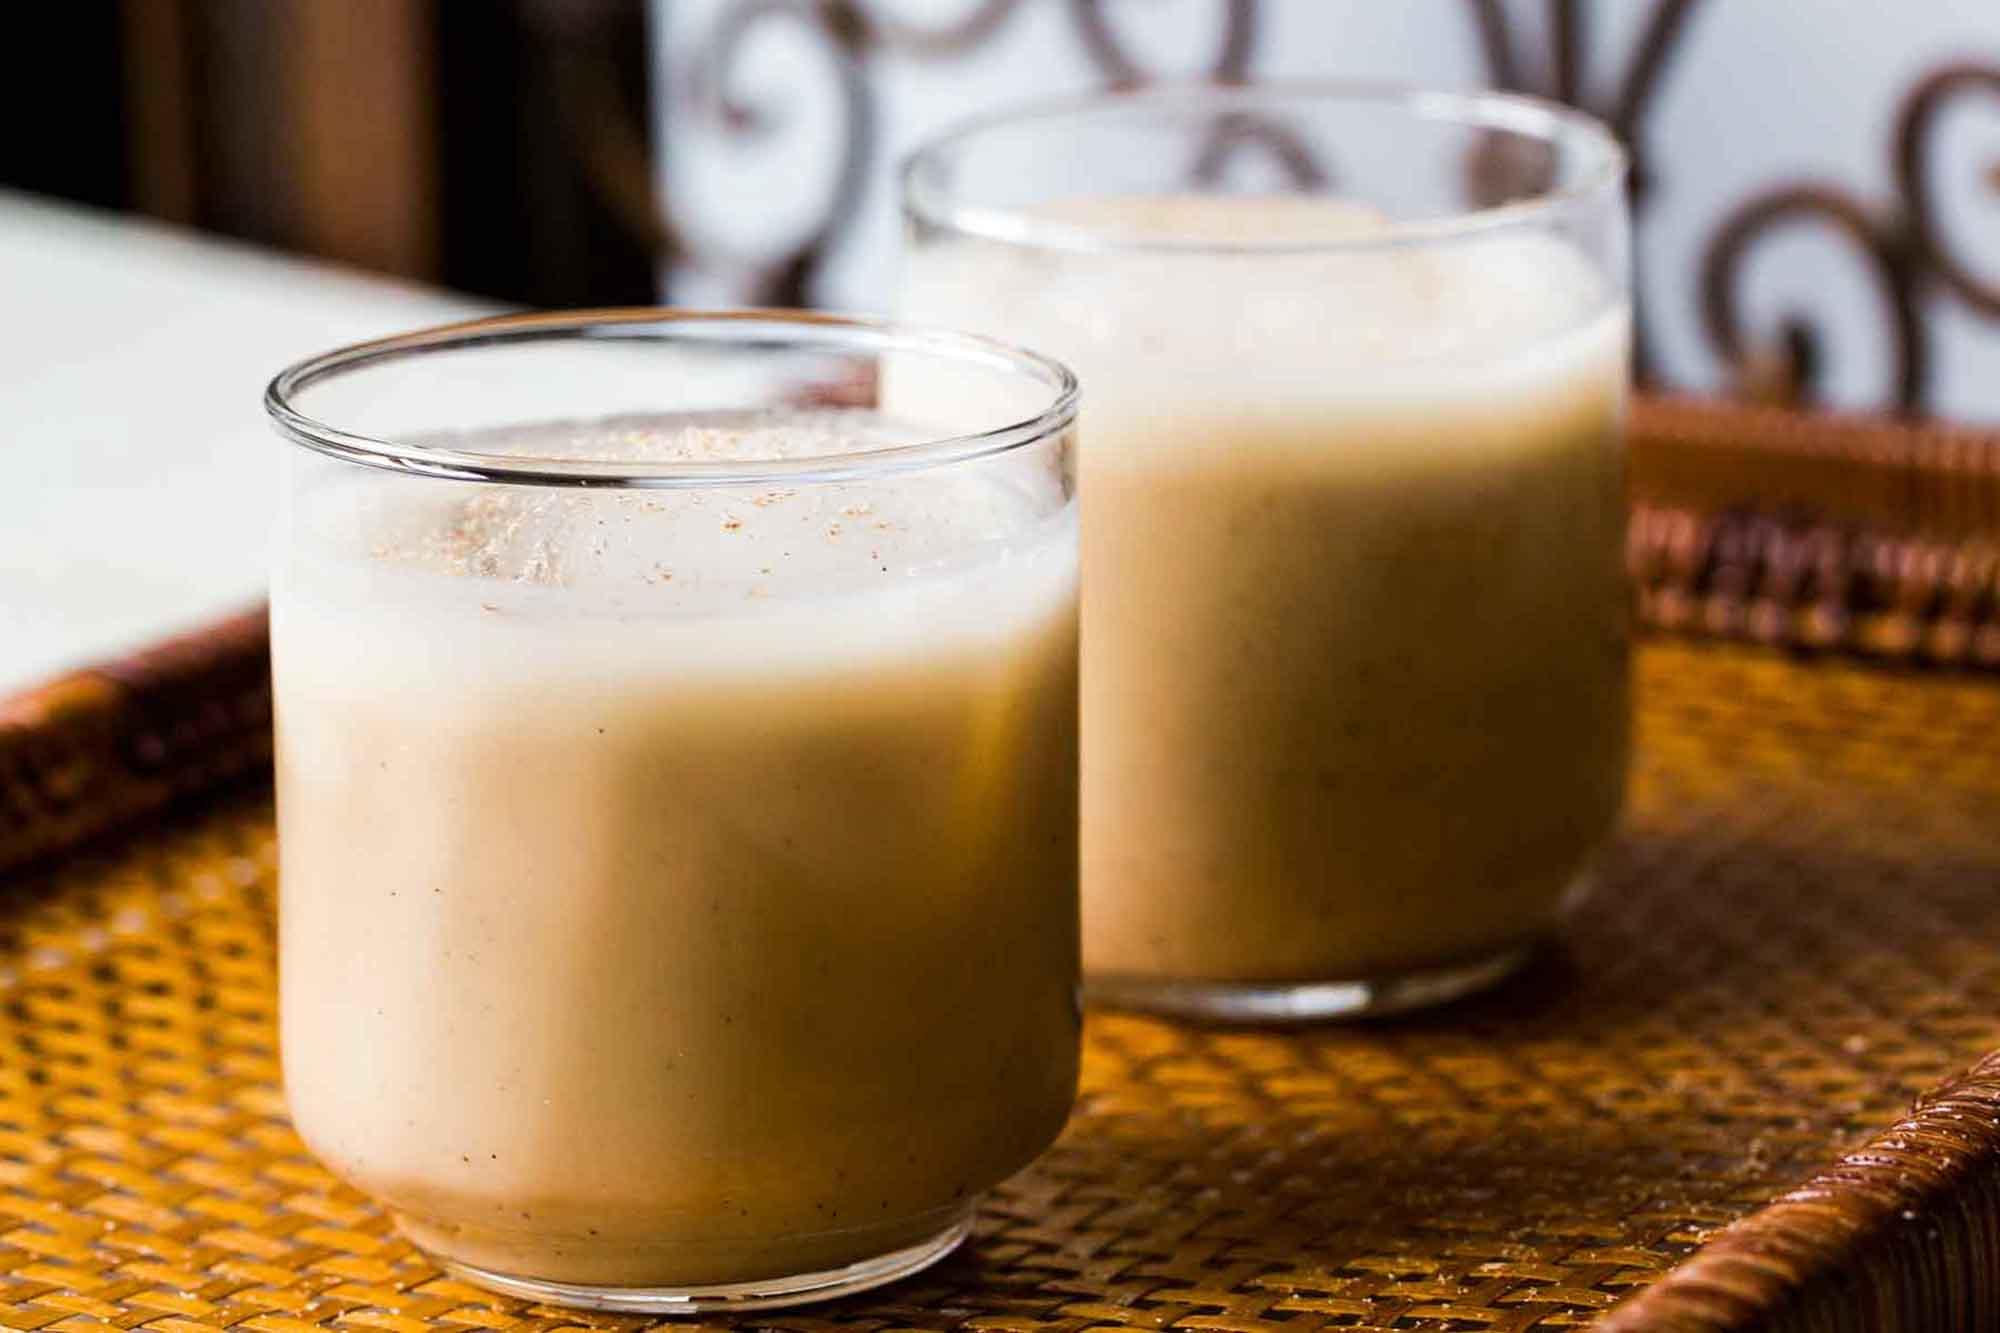 Два стакана кокито [19659008] Как приготовить кокито </strong></h2> <p> Нет ничего проще, чтобы приготовить партию кокито. Конечно, существуют разные методы, одни призывают вас разогреть ингредиенты вместе, а другие используют более простой подход. </p> <p> Наш любимый рецепт делает все проще и вкуснее: вы просто наливаете банку кокосового крема GOYA® и банку кокосового молока GOYA® в блендер вместе с двумя банками сгущенного молока GOYA® и 1/2 стакана сгущенного молока GOYA®. Добавьте немного ванильного экстракта, немного молотой корицы и немного белого рома (при желании), затем взбейте все вместе на высокой скорости, пока смесь не станет пенистой и хорошо перемешанной. </p> <p> Затем перелейте смесь в стеклянную бутылку и охладите в холодильнике. Чтобы получить удовольствие, просто встряхните свою бутылку Coquito, разлейте ее по отдельным стаканам, украсьте молотой корицей и подавайте! </p> <h2> Идеальное начало </h2> <p> Трудно отследить происхождение напитка (и поверьте нам, , мы пробовали), но одно, безусловно, верно: есть традиционалисты, и есть семьи, которые любят создавать свои собственные уникальные рецепты, варьируя количество и тип рома, подсластителя и метода приготовления. Мы предлагаем попробовать классический рецепт, подобный приведенному ниже, прежде чем приступить к самостоятельной работе! </p> <h2><strong> Веселые вариации кокито </strong></h2> <p> Мы любим потягивать эту классическую версию кокито на протяжении всего курортного сезона, но, как и многие другие рецепты, это напиток, с которым можно поиграть. Не относитесь к себе слишком серьезно, экспериментируйте и получайте удовольствие! Вот несколько наших любимых поворотов: </p> <ul> <li><strong> Не пейте алкоголь? </strong> Не пейте ром и сделайте его безалкогольным для всех дома! </li> <li><strong> Попробуйте другие зимние специи </strong> в дополнение или вместо корицы. Хороший выбор — молотый мускатный орех, имбирь, гвоздика и душистый перец, </li> <li><strong> Проявите творческий подход с 